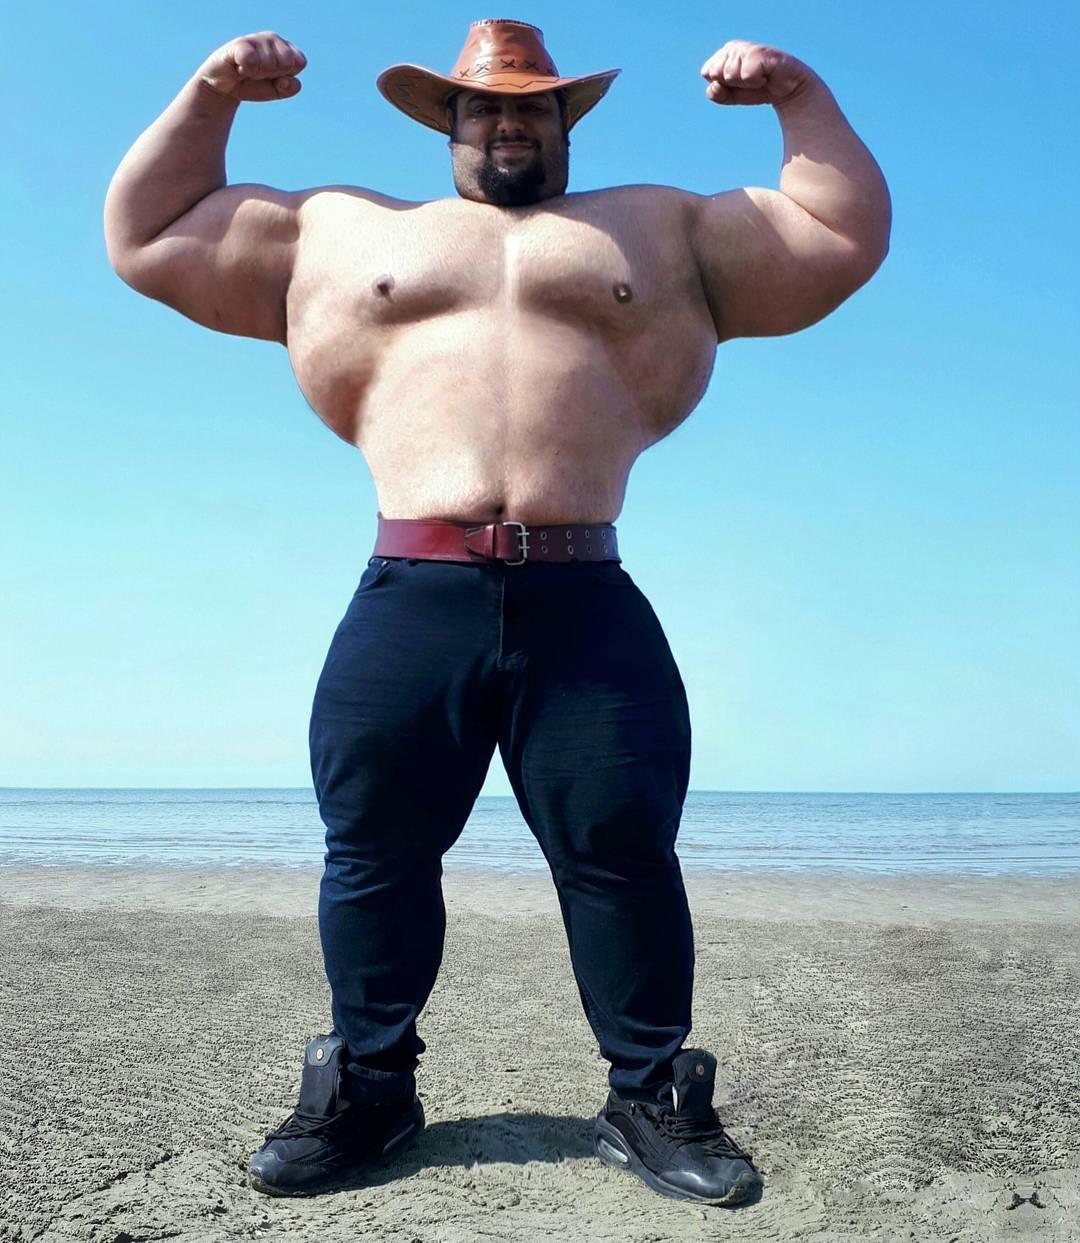 【超筋肉】イランのリアル超人ハルク、ワイ虚弱ニキ喧嘩したら一秒で殺されそう・・・・・(画像)・7枚目